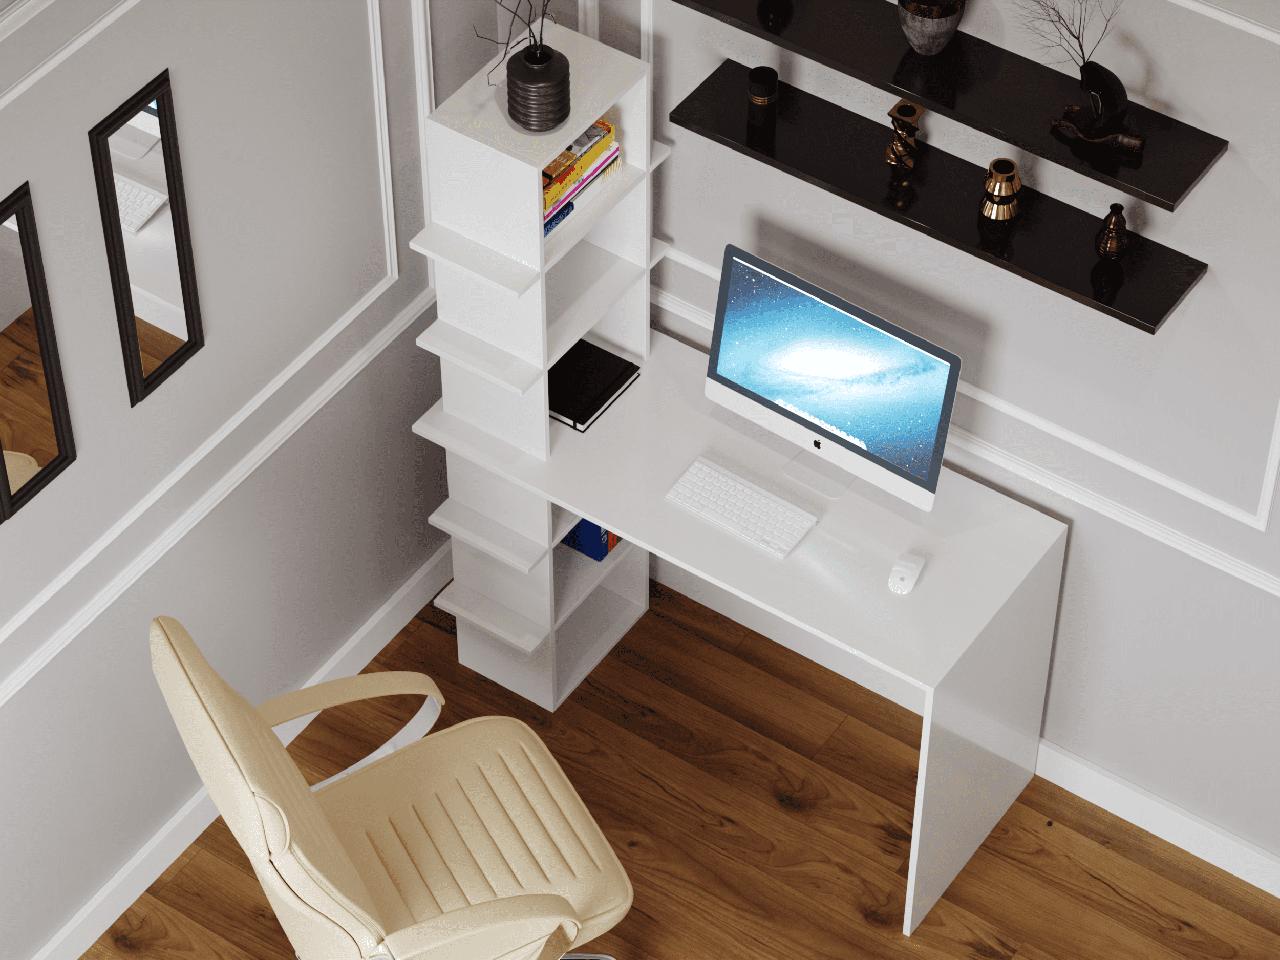 Компьютерный стол со стеллажом на 6 полок сбоку из ДСП Код: VZ-5